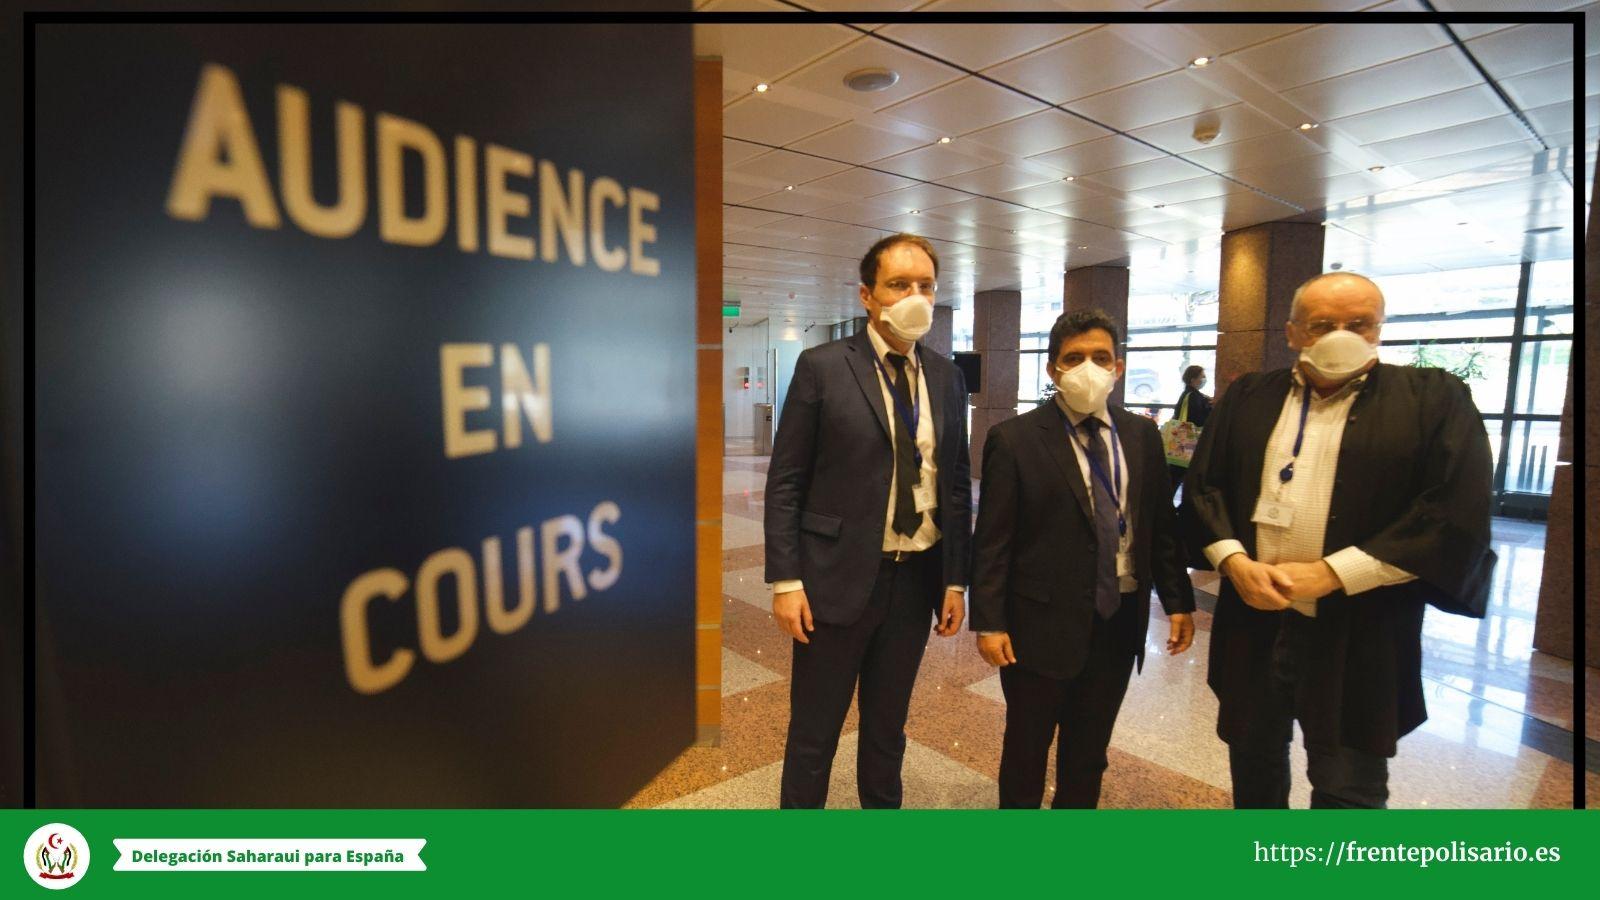 EL TJUE EXAMINA LOS RECURSOS DEL FRENTE POLISARIO CONTRA LOS ACUERDOS UE/MARRUECOS QUE INCLUYEN EL SAHARA OCCIDENTAL